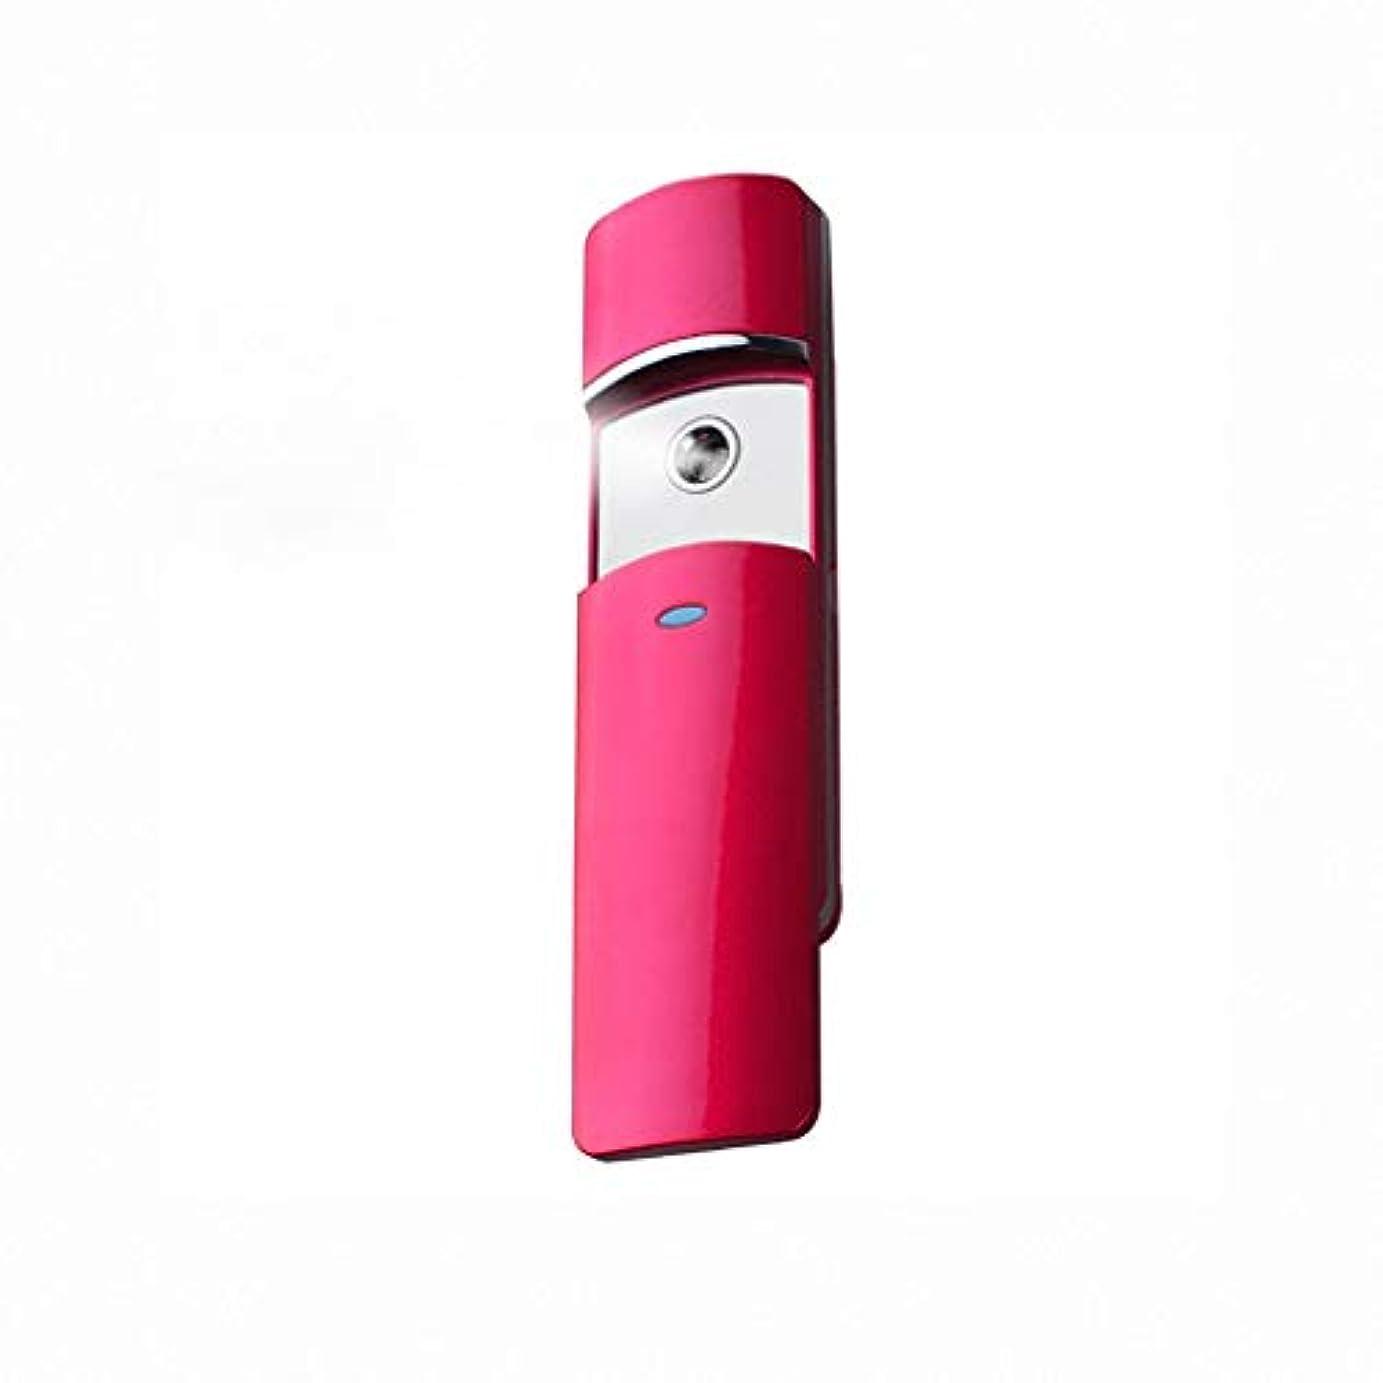 ポスターシャーロットブロンテ上院噴霧器usb充電式ポータブルフェイシャルスプレー用スキンケアメイクアップまつげエクステンションポータブル抗アレルギースチーマー充電器